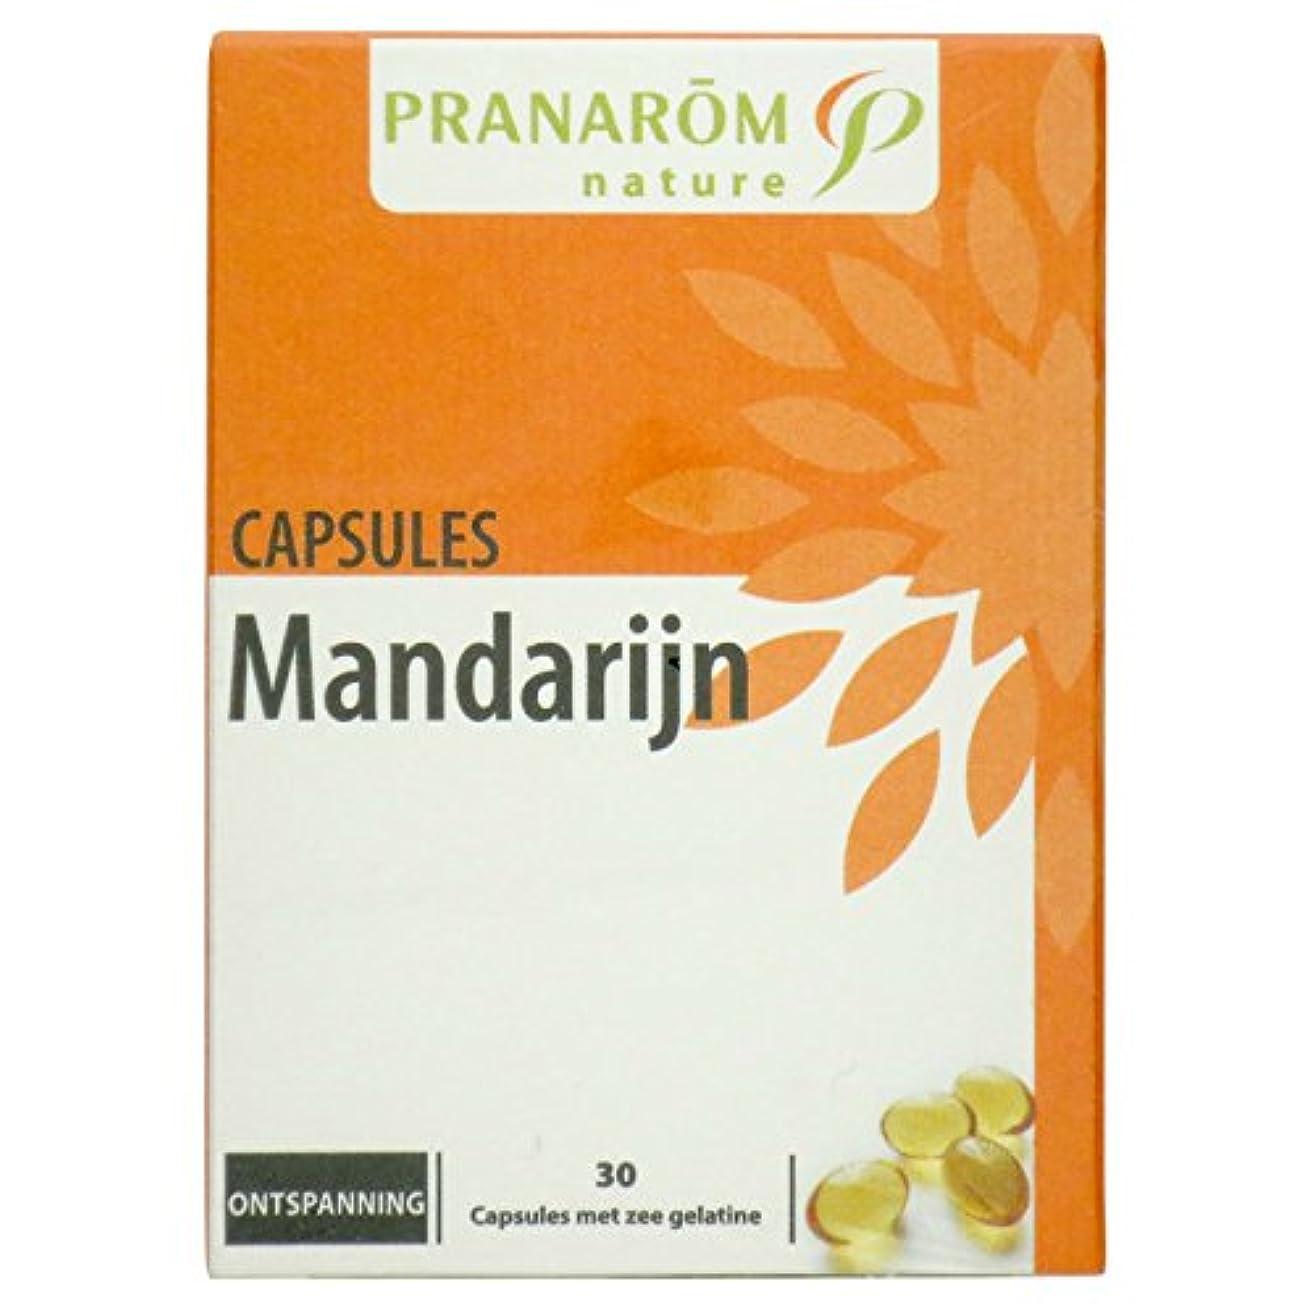 レシピ降臨あいまいプラナロム マンダリンカプセル 30粒 (PRANAROM サプリメント)